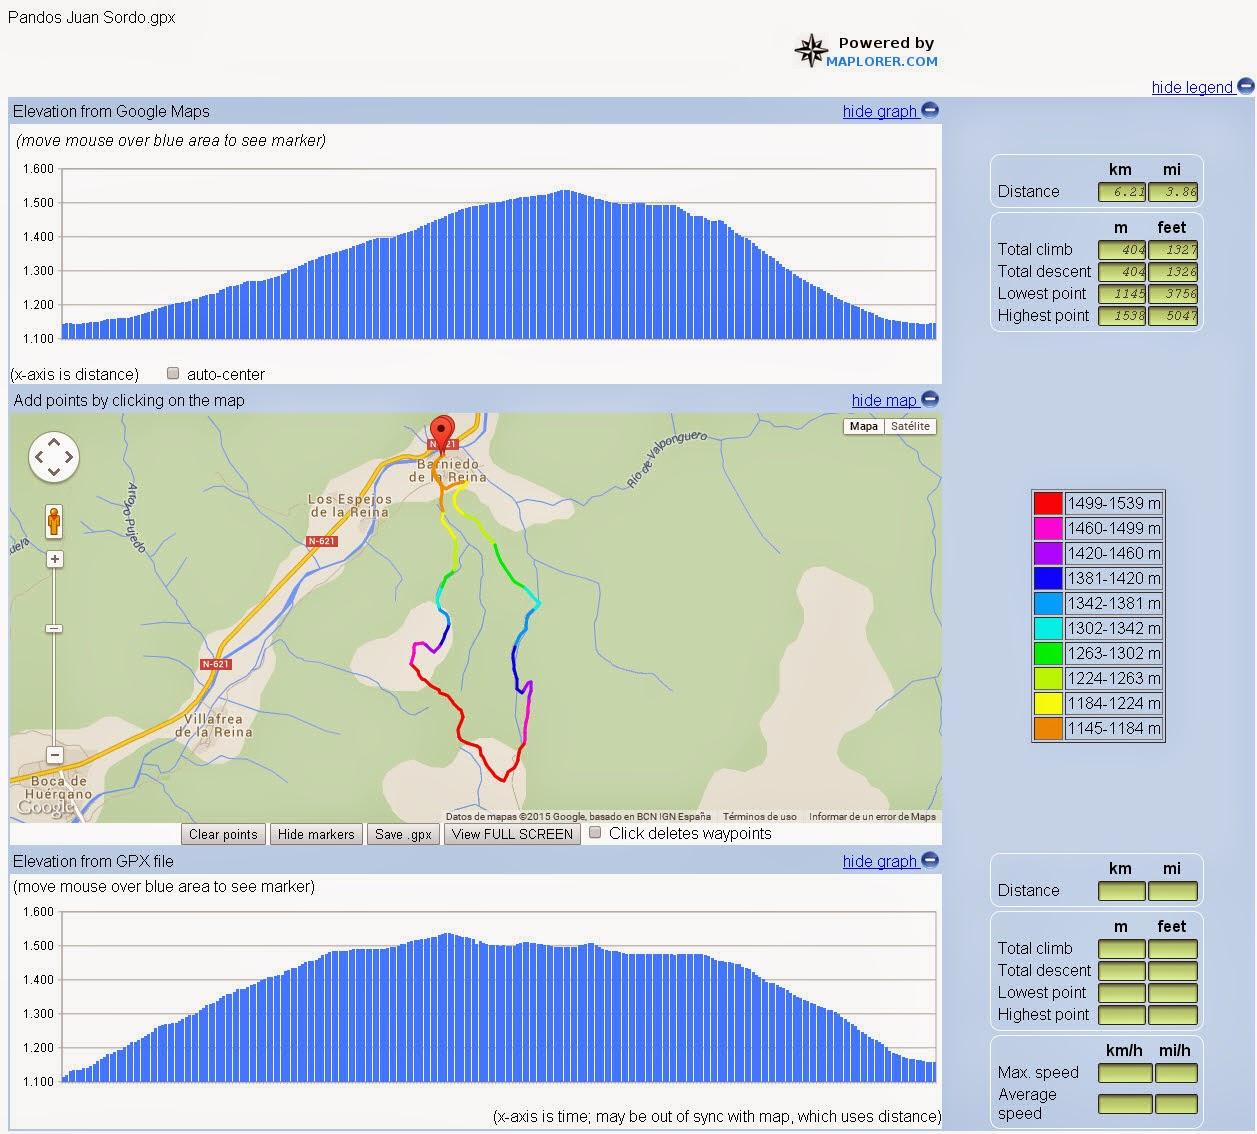 medium resolution of los perfiles de elevaci n se muestran basados tanto en google maps como en los datos del track si tiene datos de elevaci n v lidos